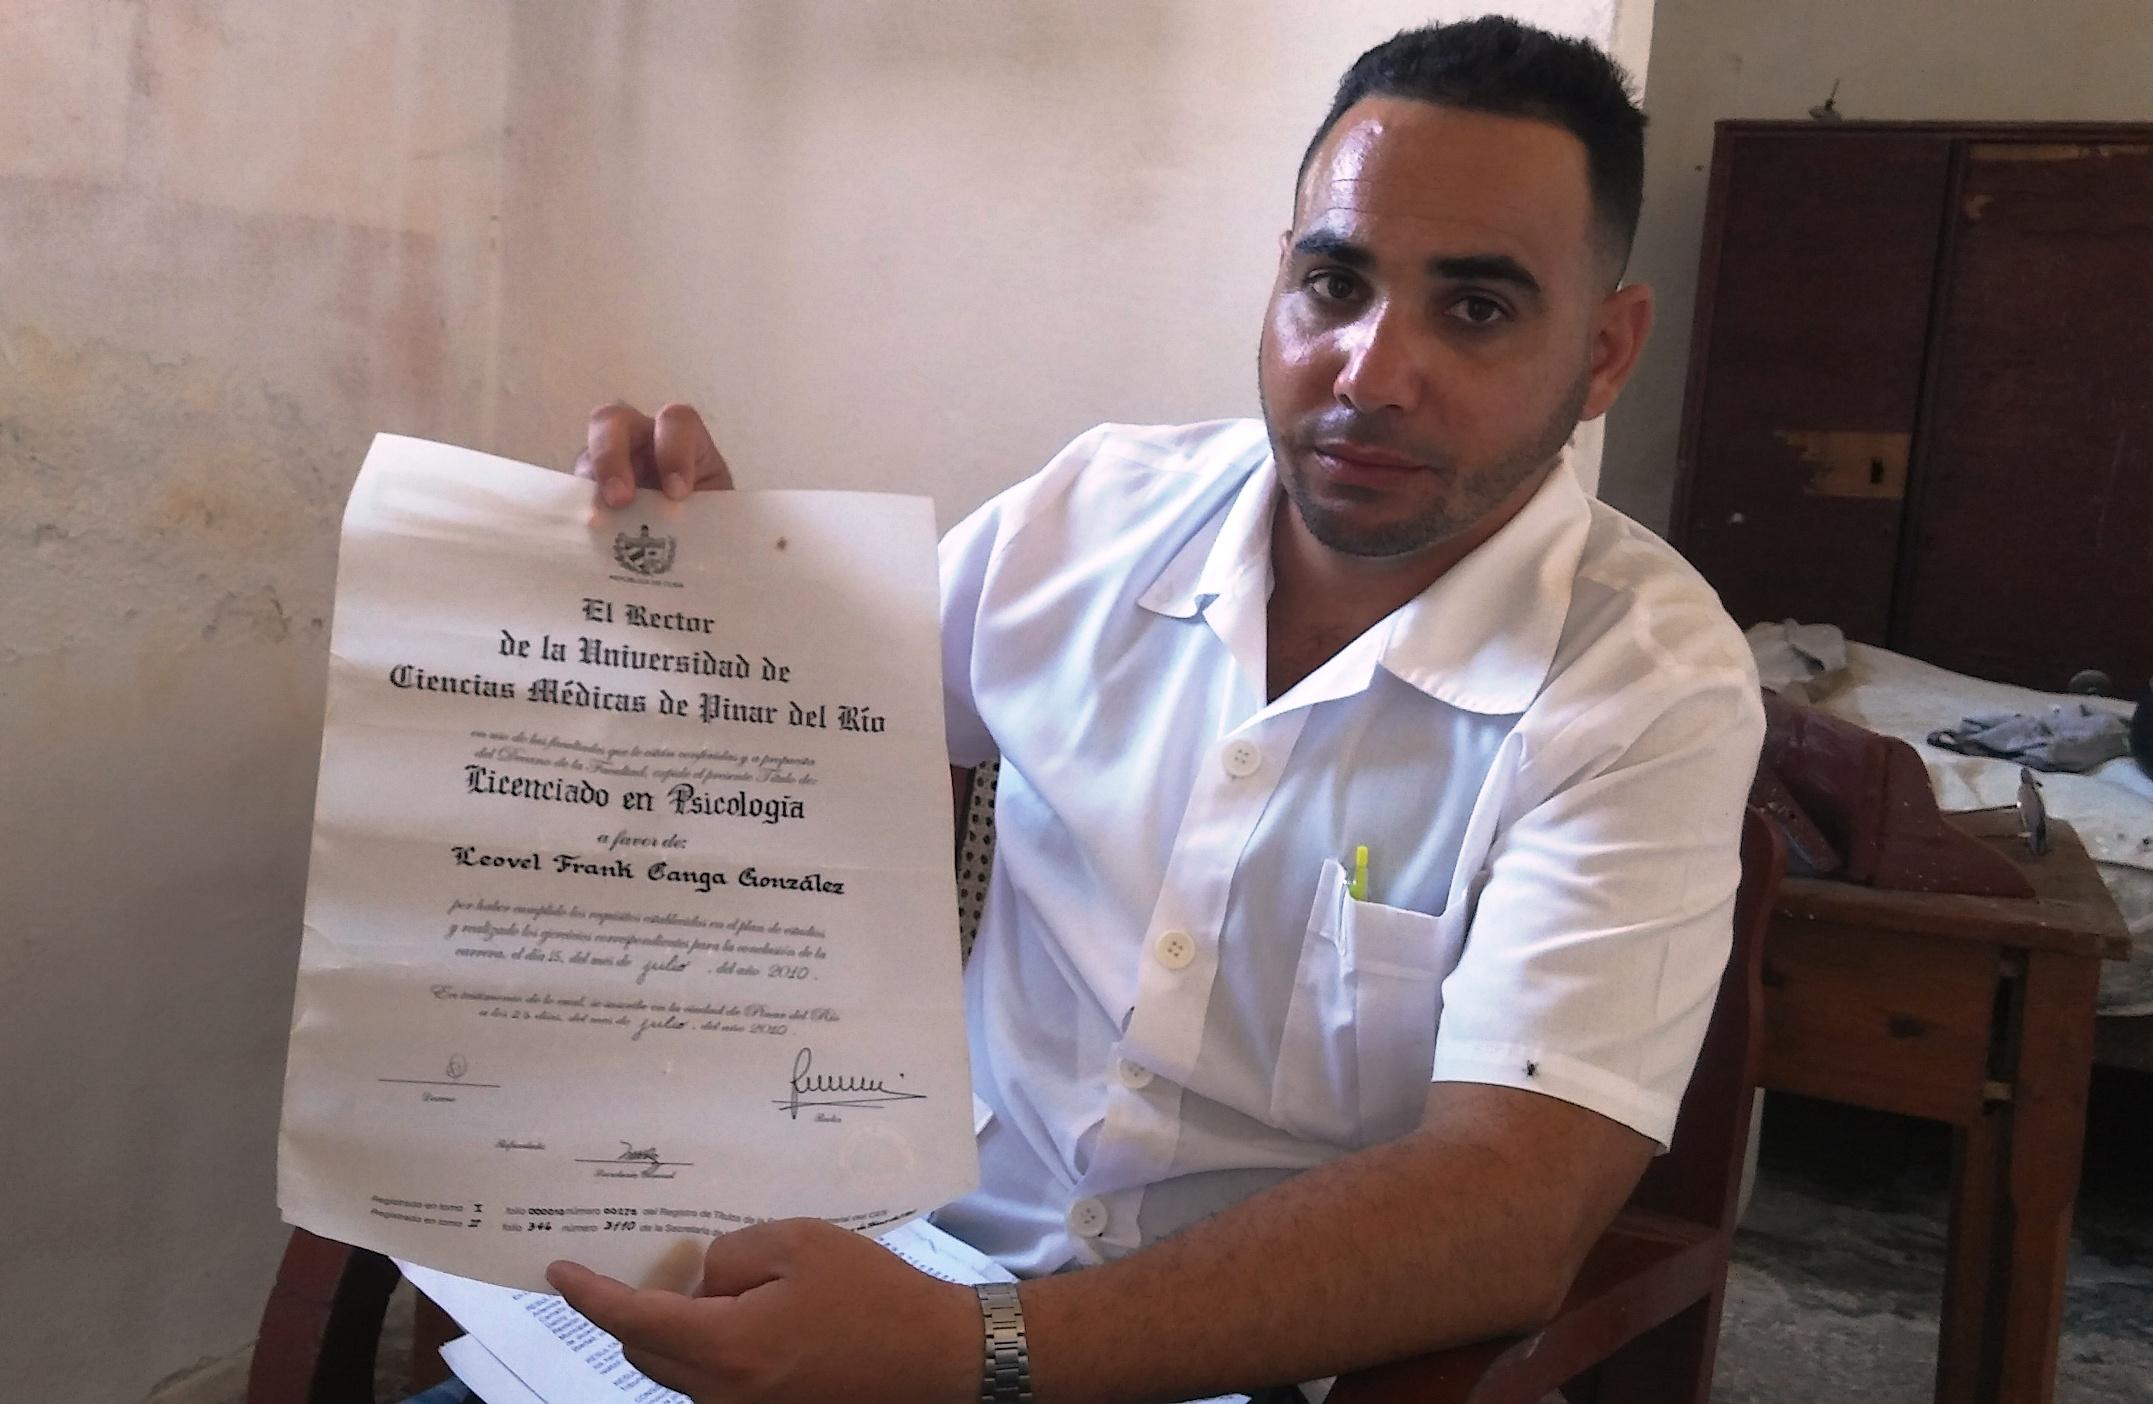 Leovel Canga muestra su título de Licenciado en Psicología por la Universidad de Ciencias Médicas de Pinar del Río (Foto: Cynthia de la Cantera y Jesús Arencibia)